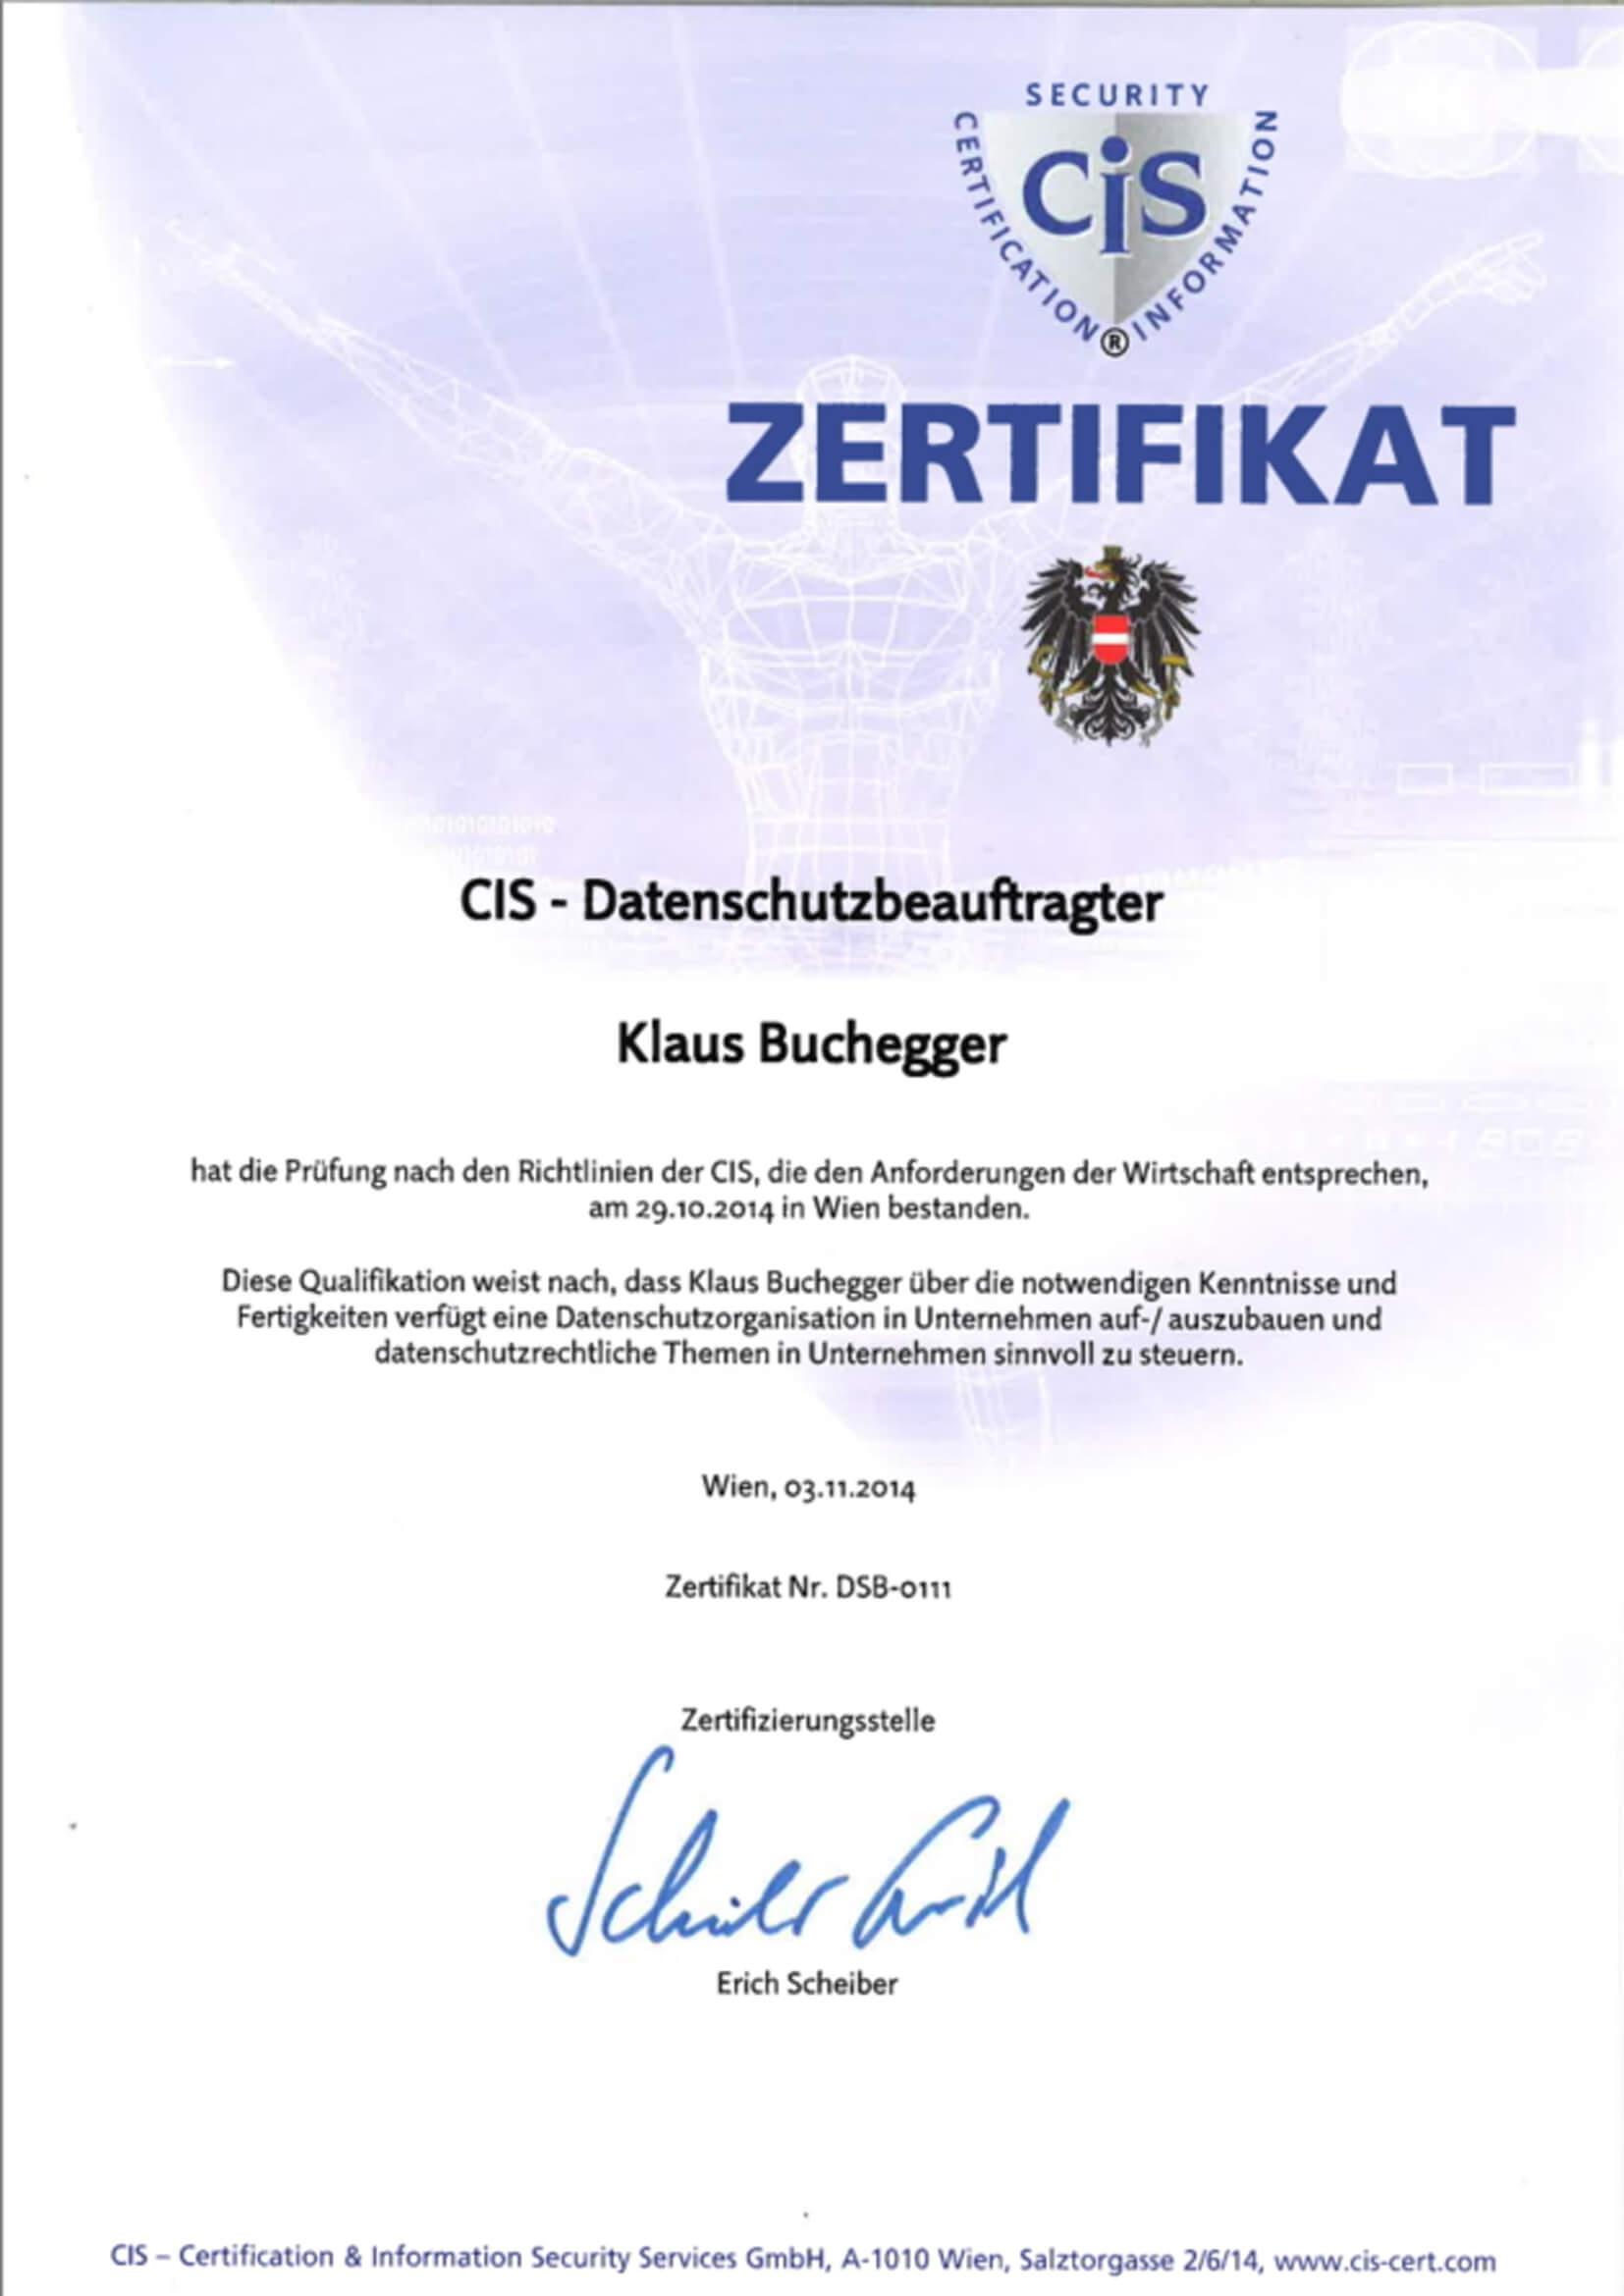 Zertifikat Datenschutzbeauftragter Klaus Buchegger